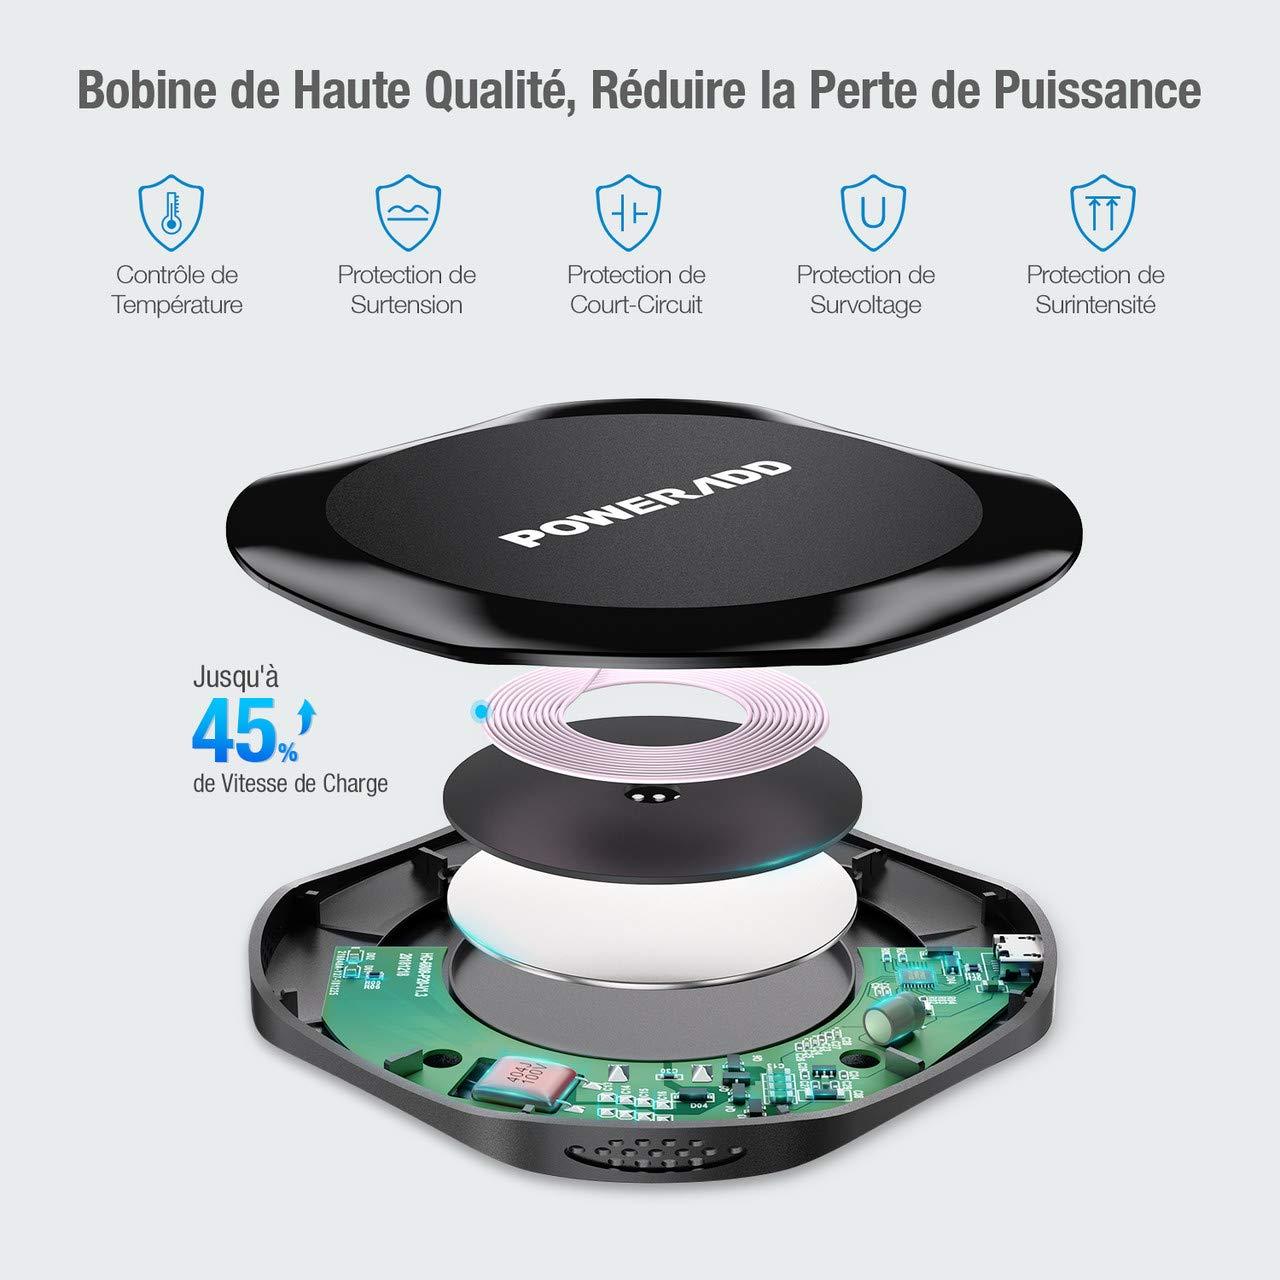 POWERADD Chargeur sans Fil Chargeur à Induction 7.5W Charge Rapide pour iPhone XS/XR/X/iPhone 8/8 Plus,10W Charge Wireless pour Galaxy S9 / S9+ / S8 / S8+ / S7 et Autres appareils compatibles Qi-Noir